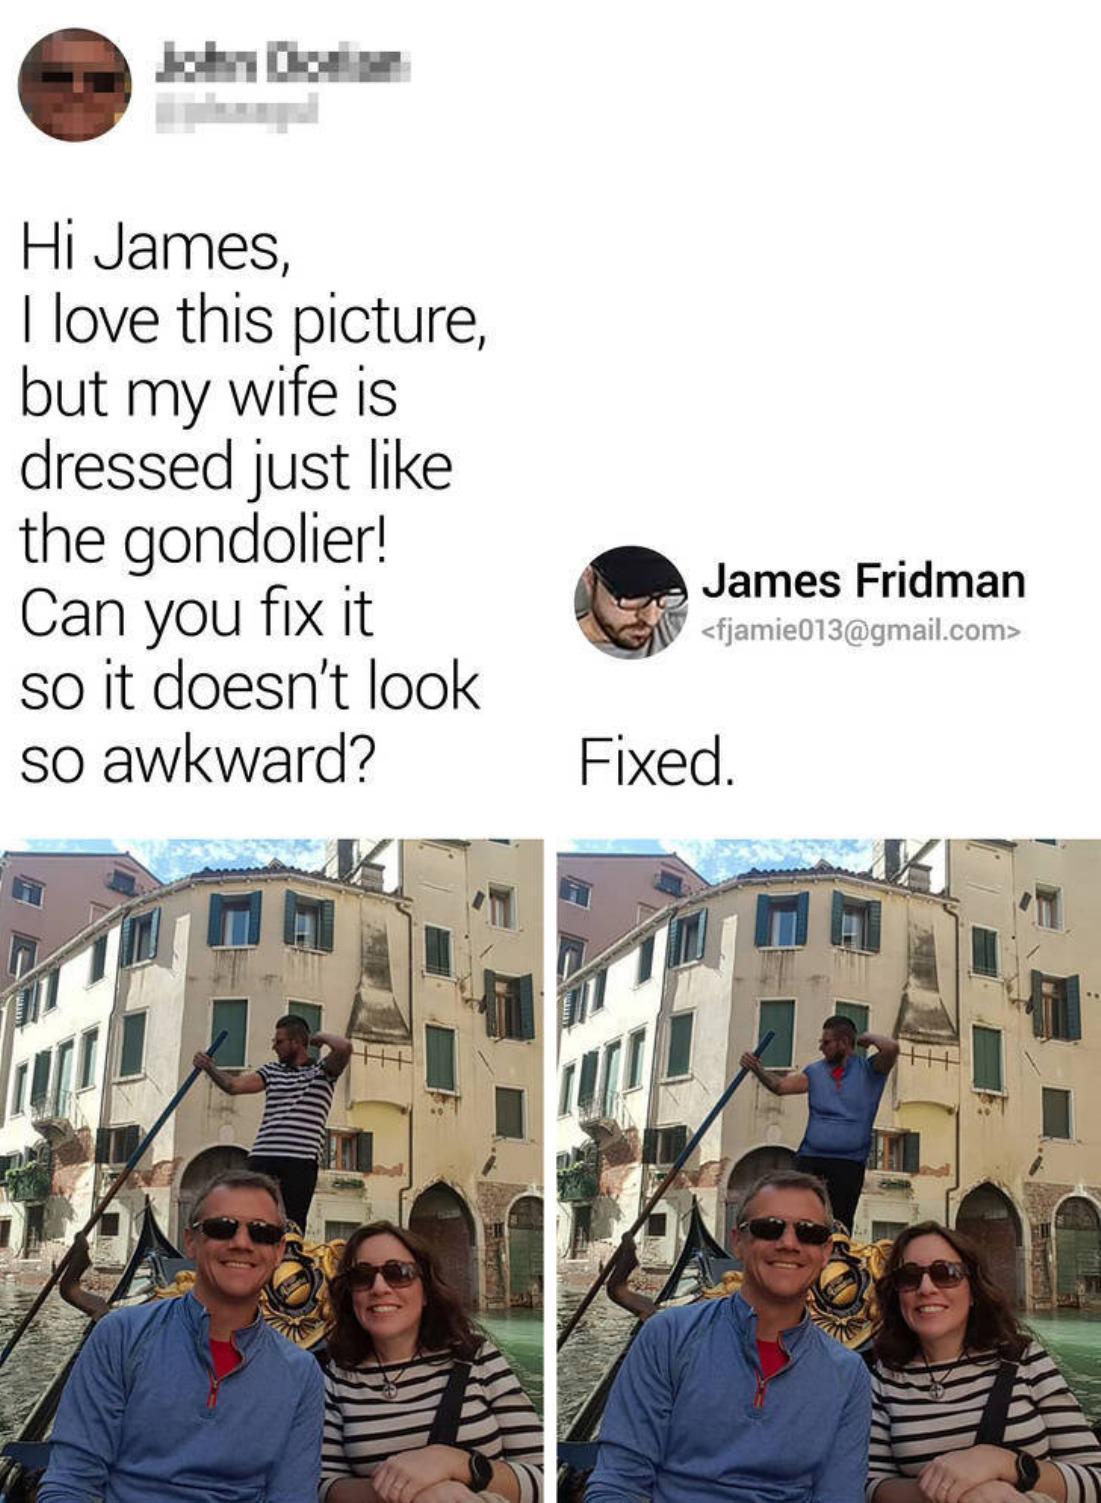 Obrázek jamesfixed